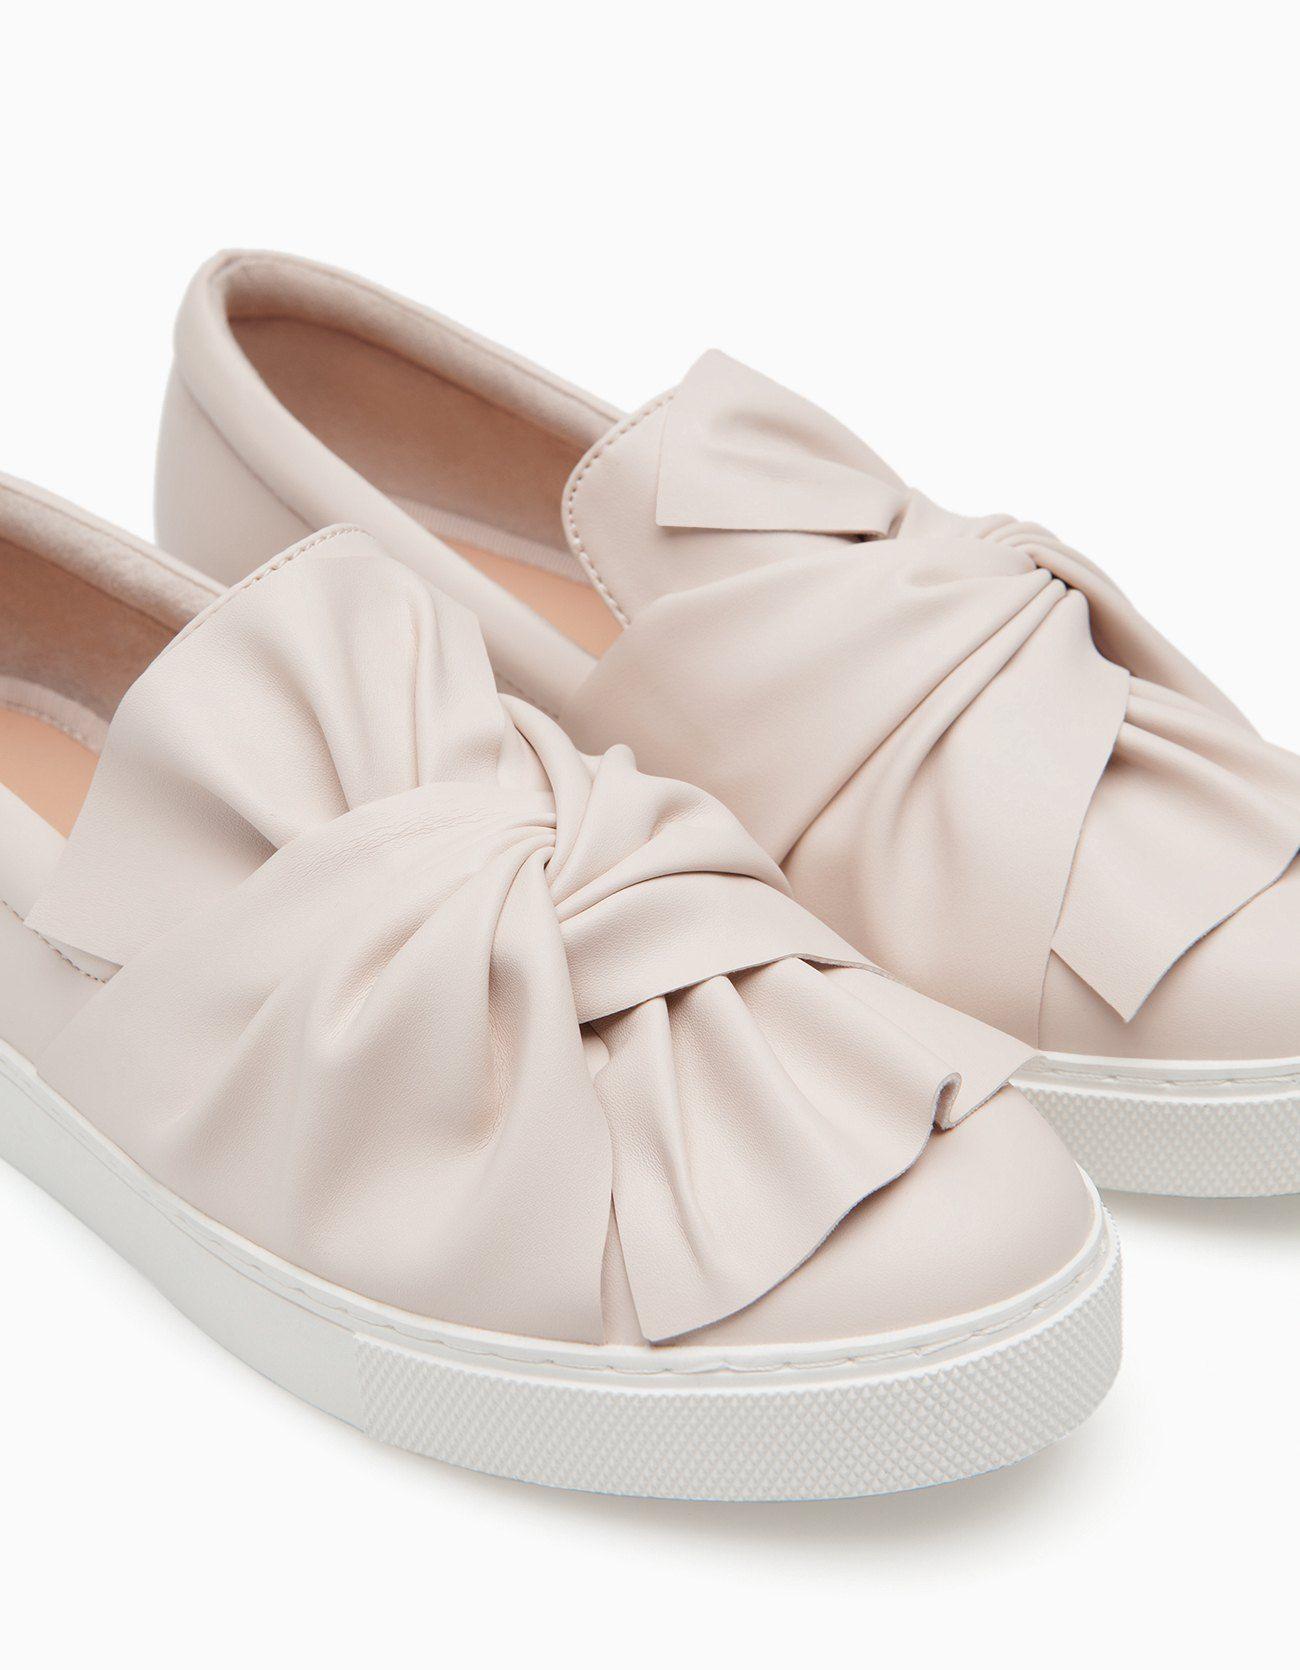 ♡Breakfast at Chloe's♡   Women shoes